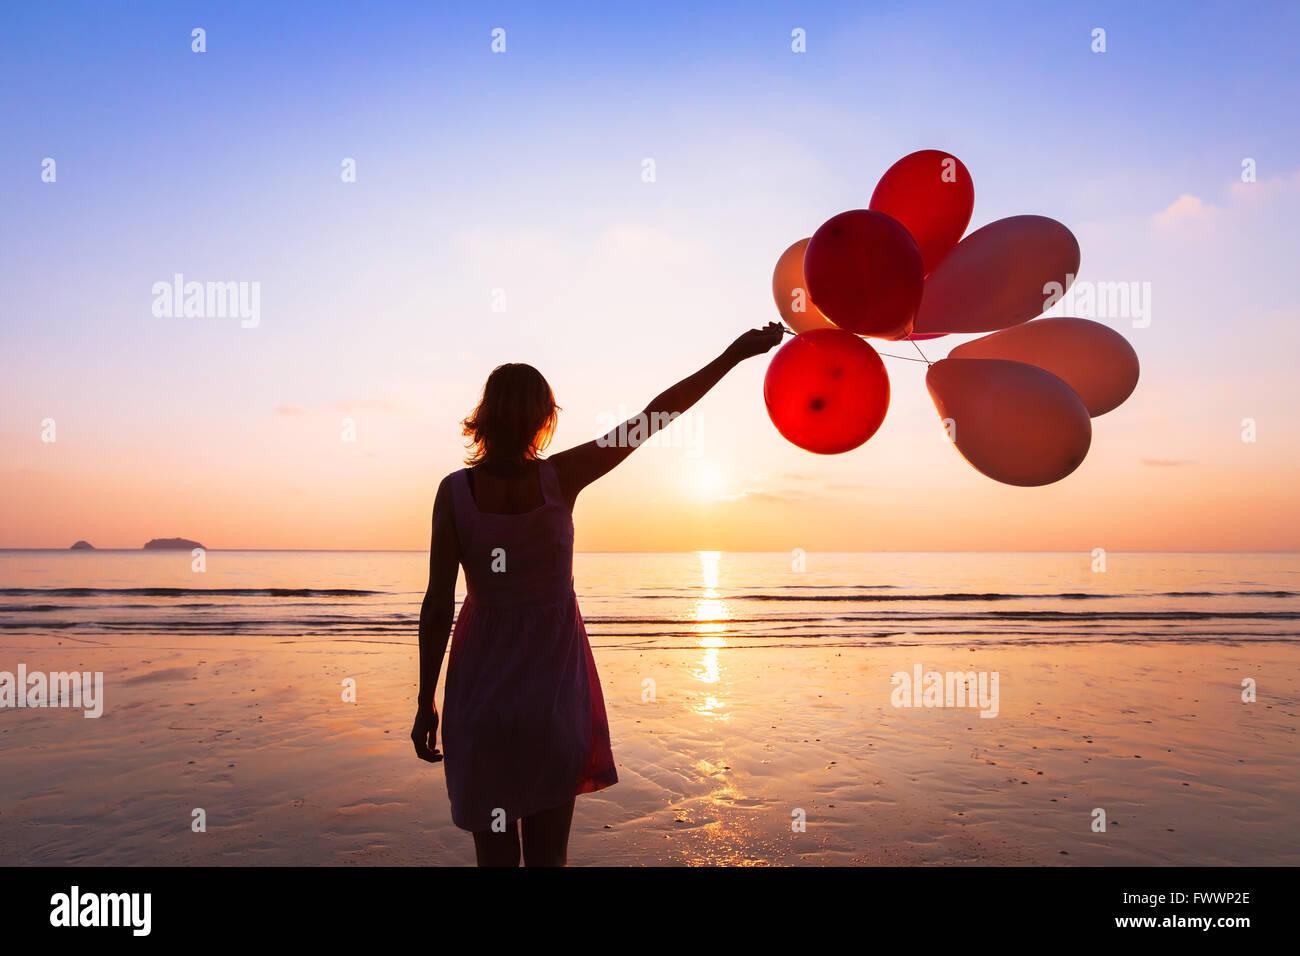 La imaginación y la creatividad, la chica con globos multicolores al atardecer con copyspace, inspiración Imagen De Stock